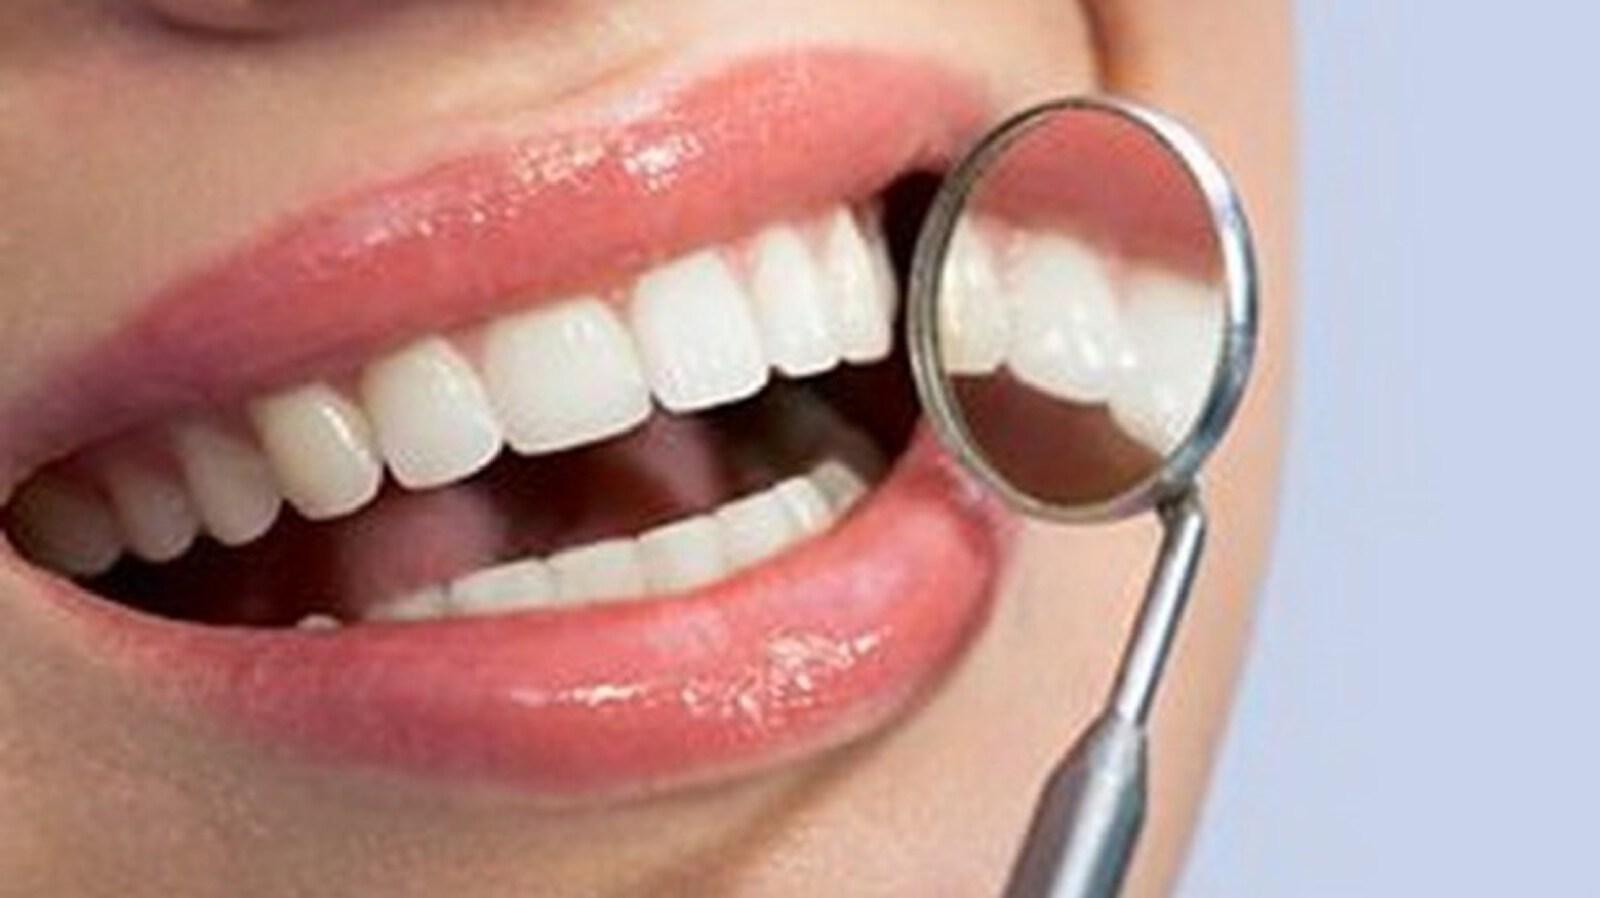 เคล็ดลับสุขภาพดีเริ่มต้นง่ายๆ ในช่องปาก